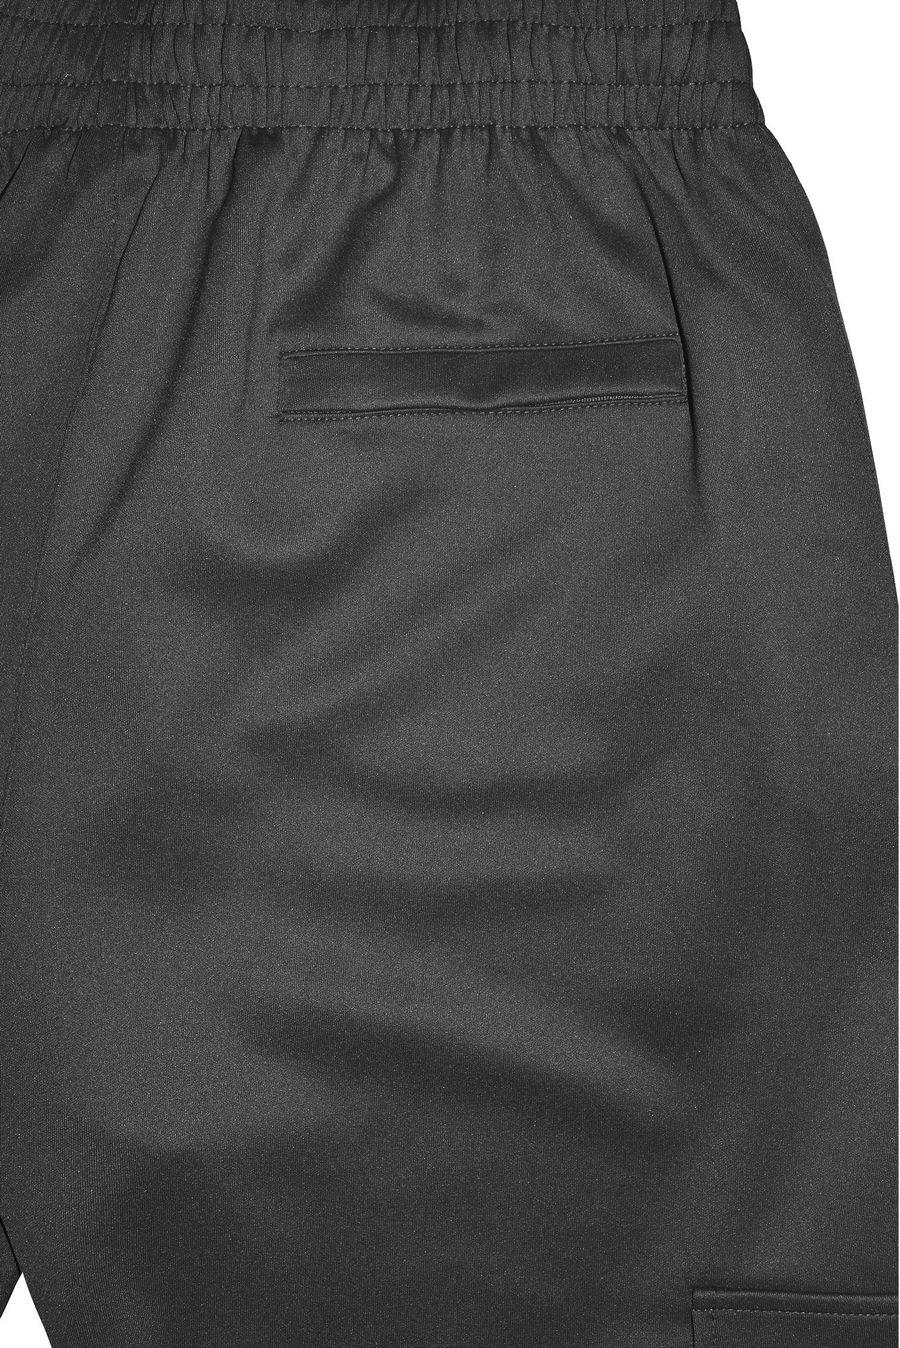 Брюки мужские GL J1081 черные - фото 2